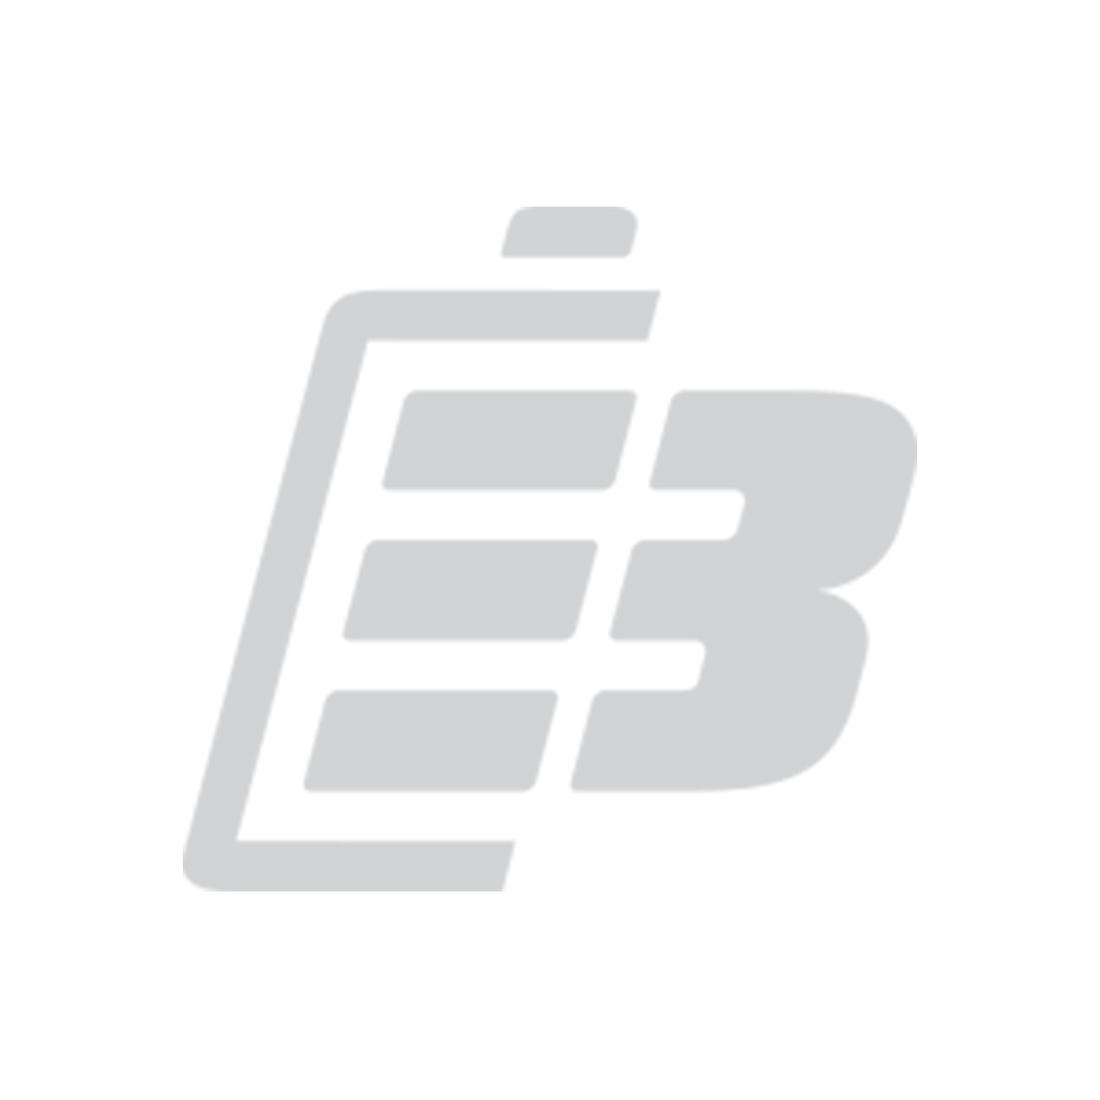 Φορτιστης μπαταριων Maha Powerex MH-C204W 6